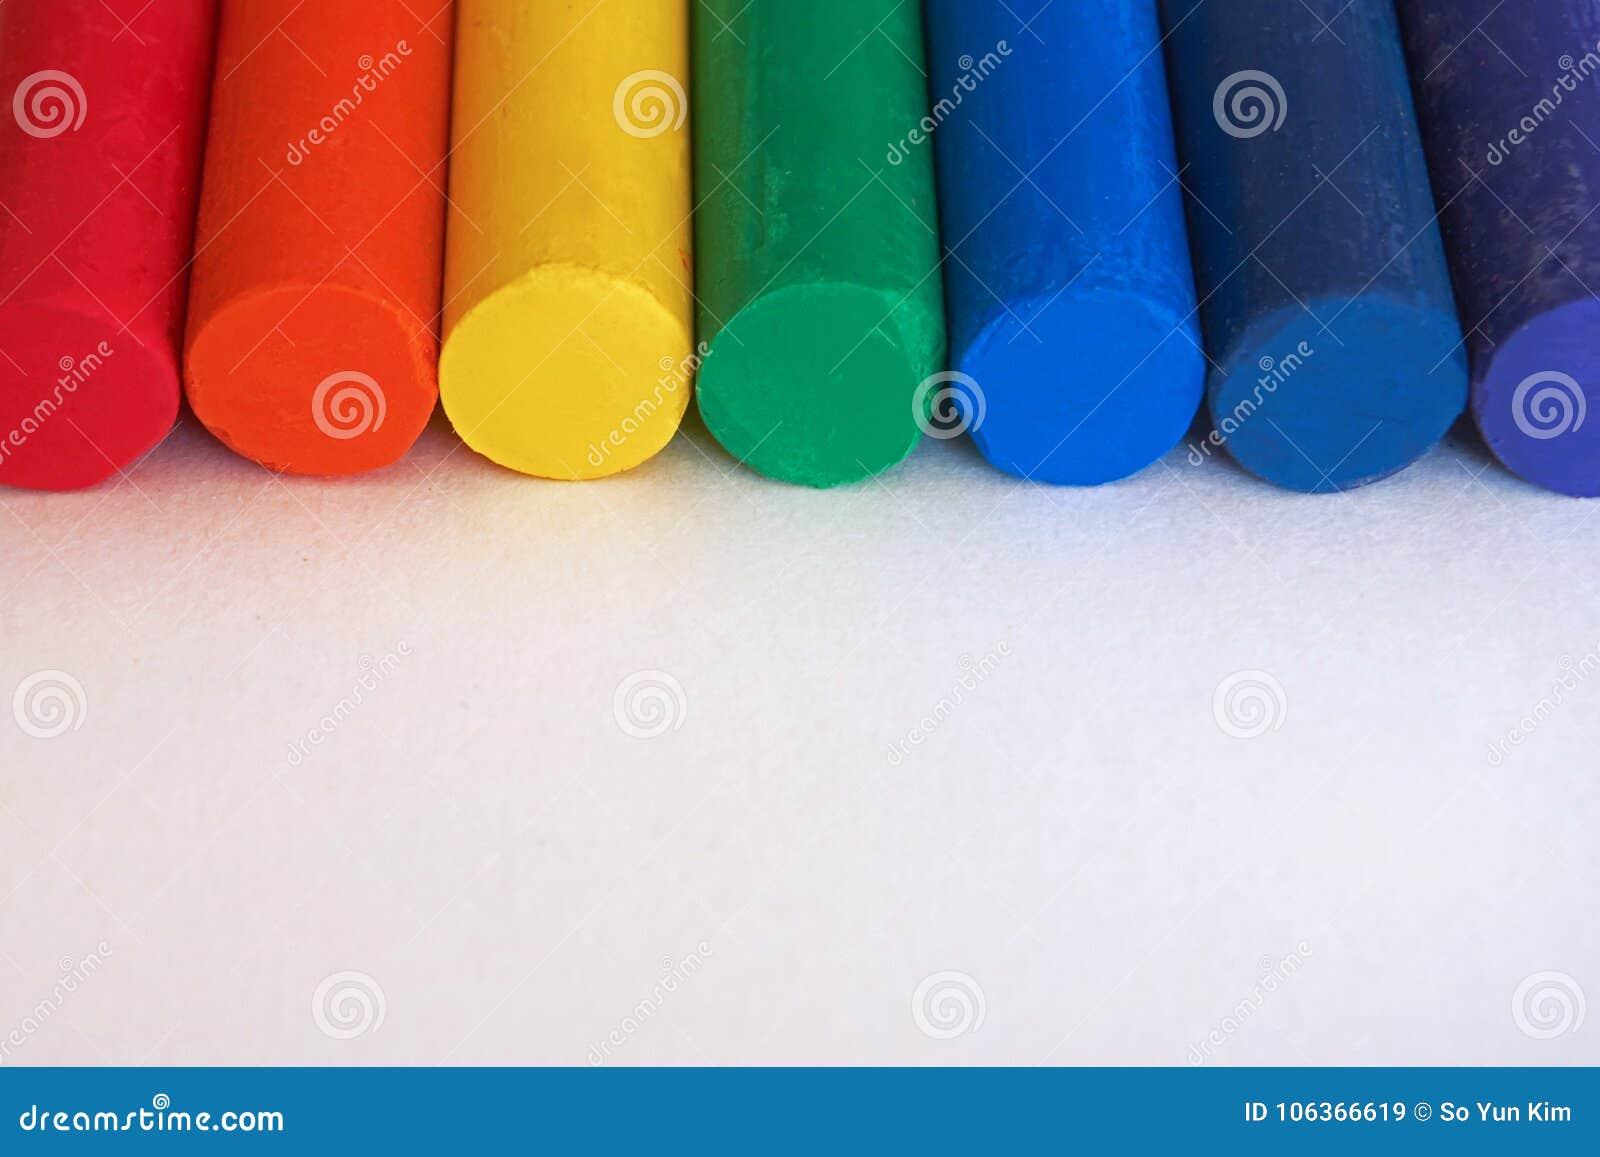 Rot, orange, gelb, grün, blau, Indigo, purpurrot Regenbogen farbige Zeichenstifte werden nebeneinander gesetzt